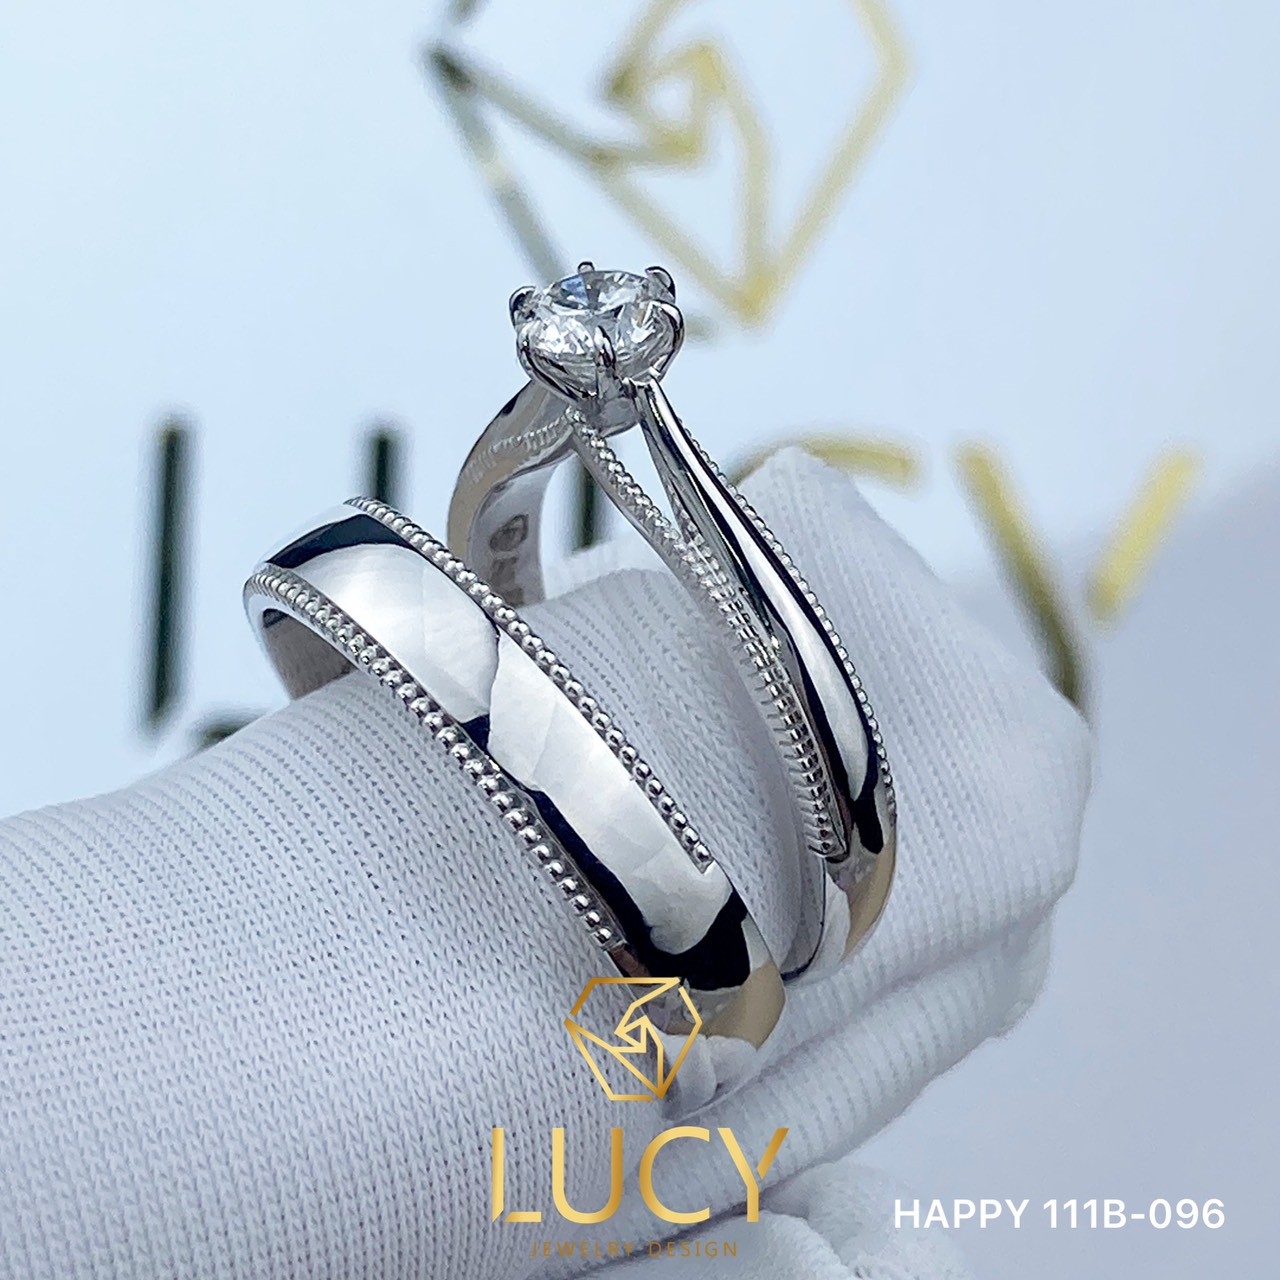 HAPPY 111B-096 Nhẫn cưới thiết kế đá chủ nữ 4mm 4.1mm, nhẫn cưới đẹp, nhẫn cưới cao cấp, nhẫn cưới kim cương - Lucy Jewelry